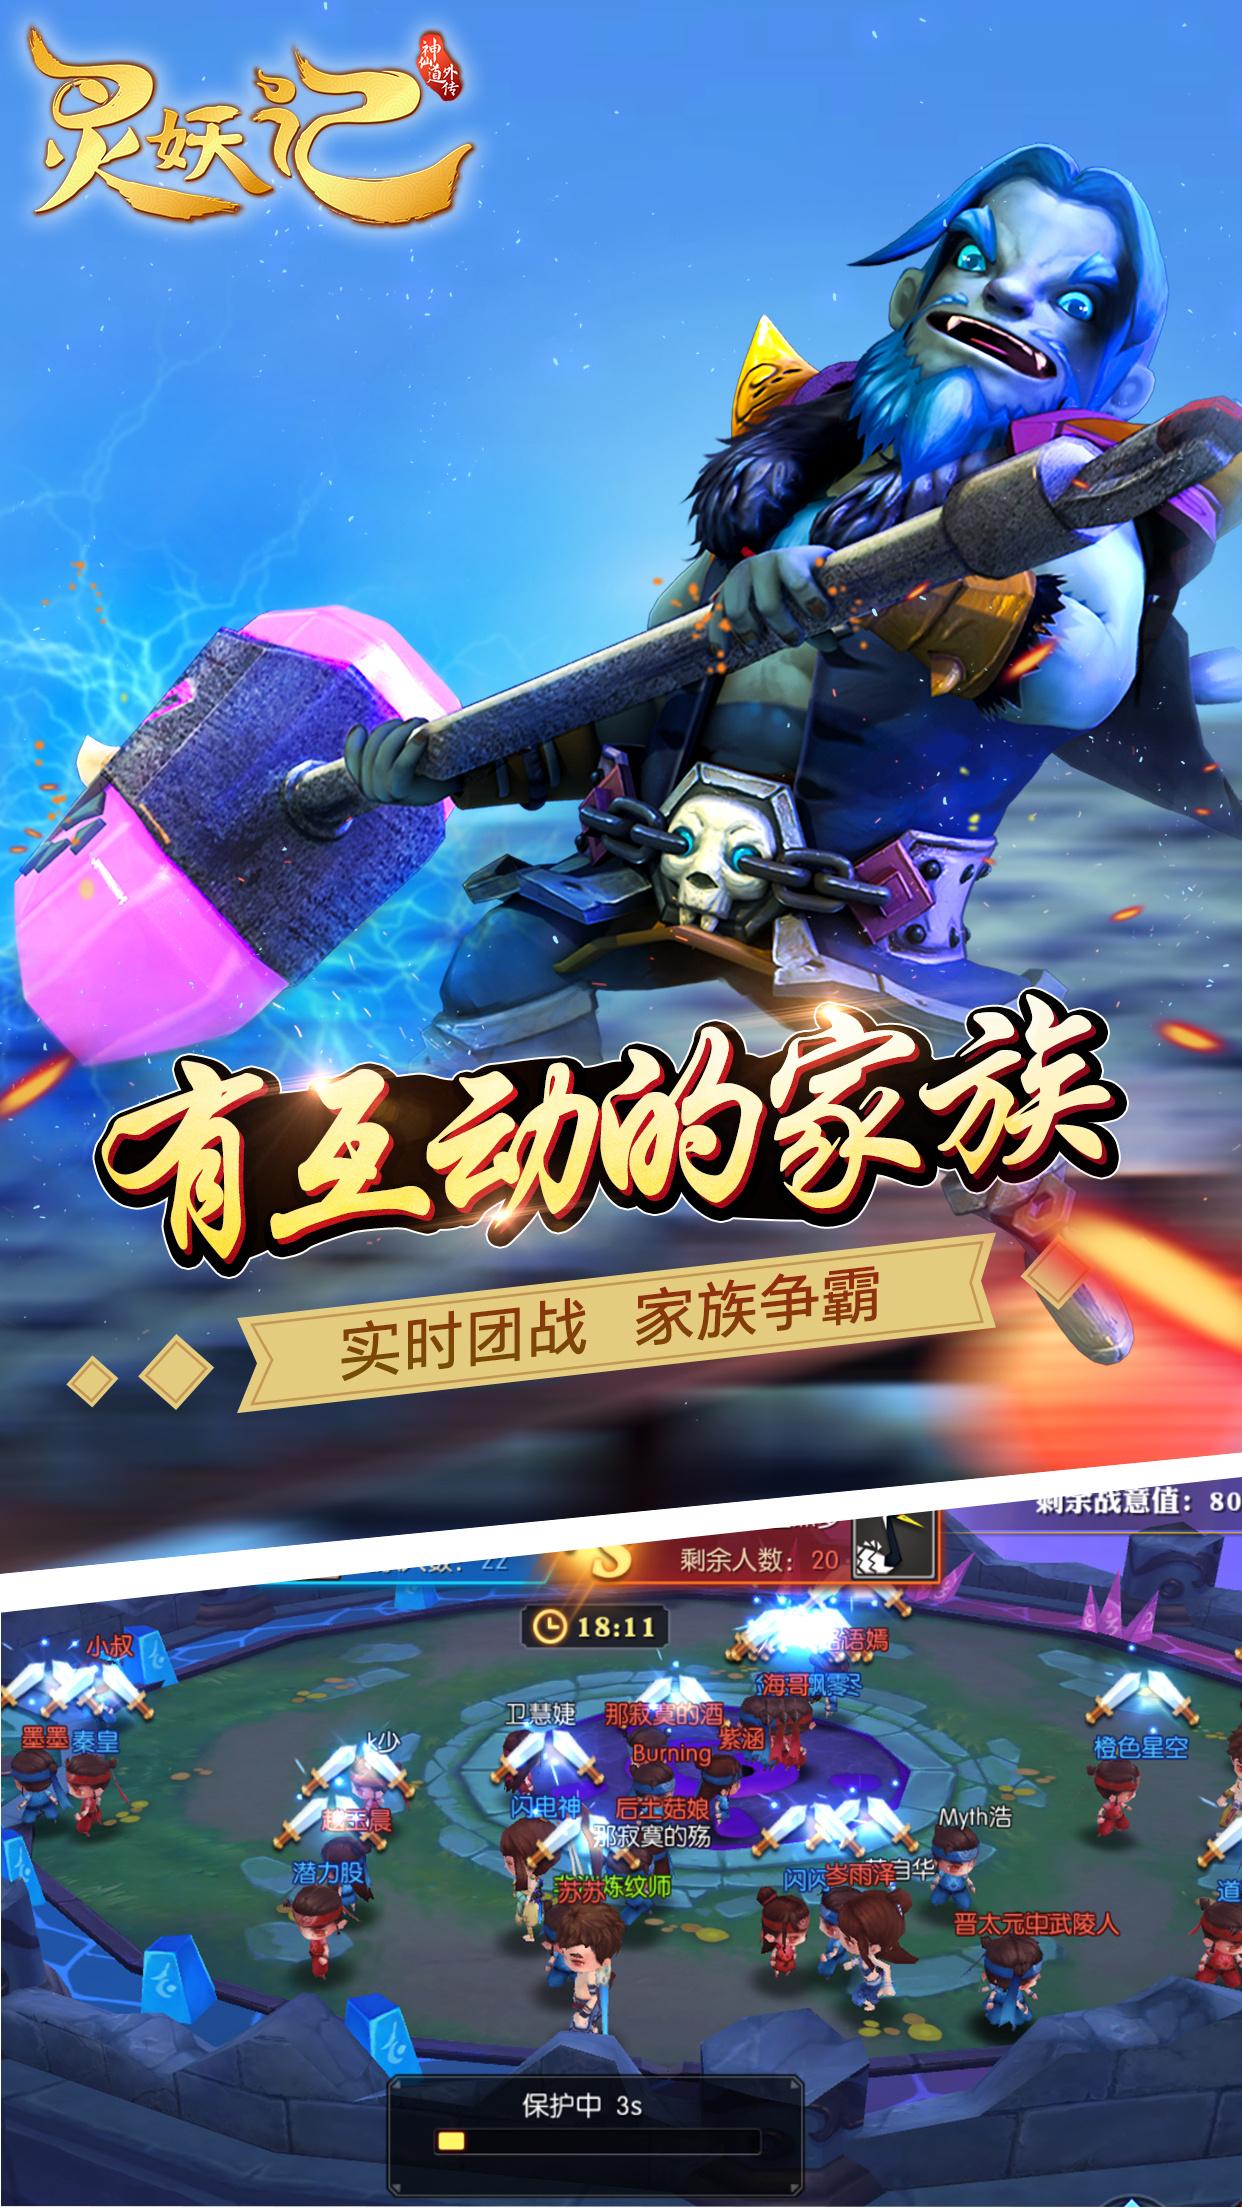 飞鱼科技-游戏海报设计霸王龙vs副栉龙图片